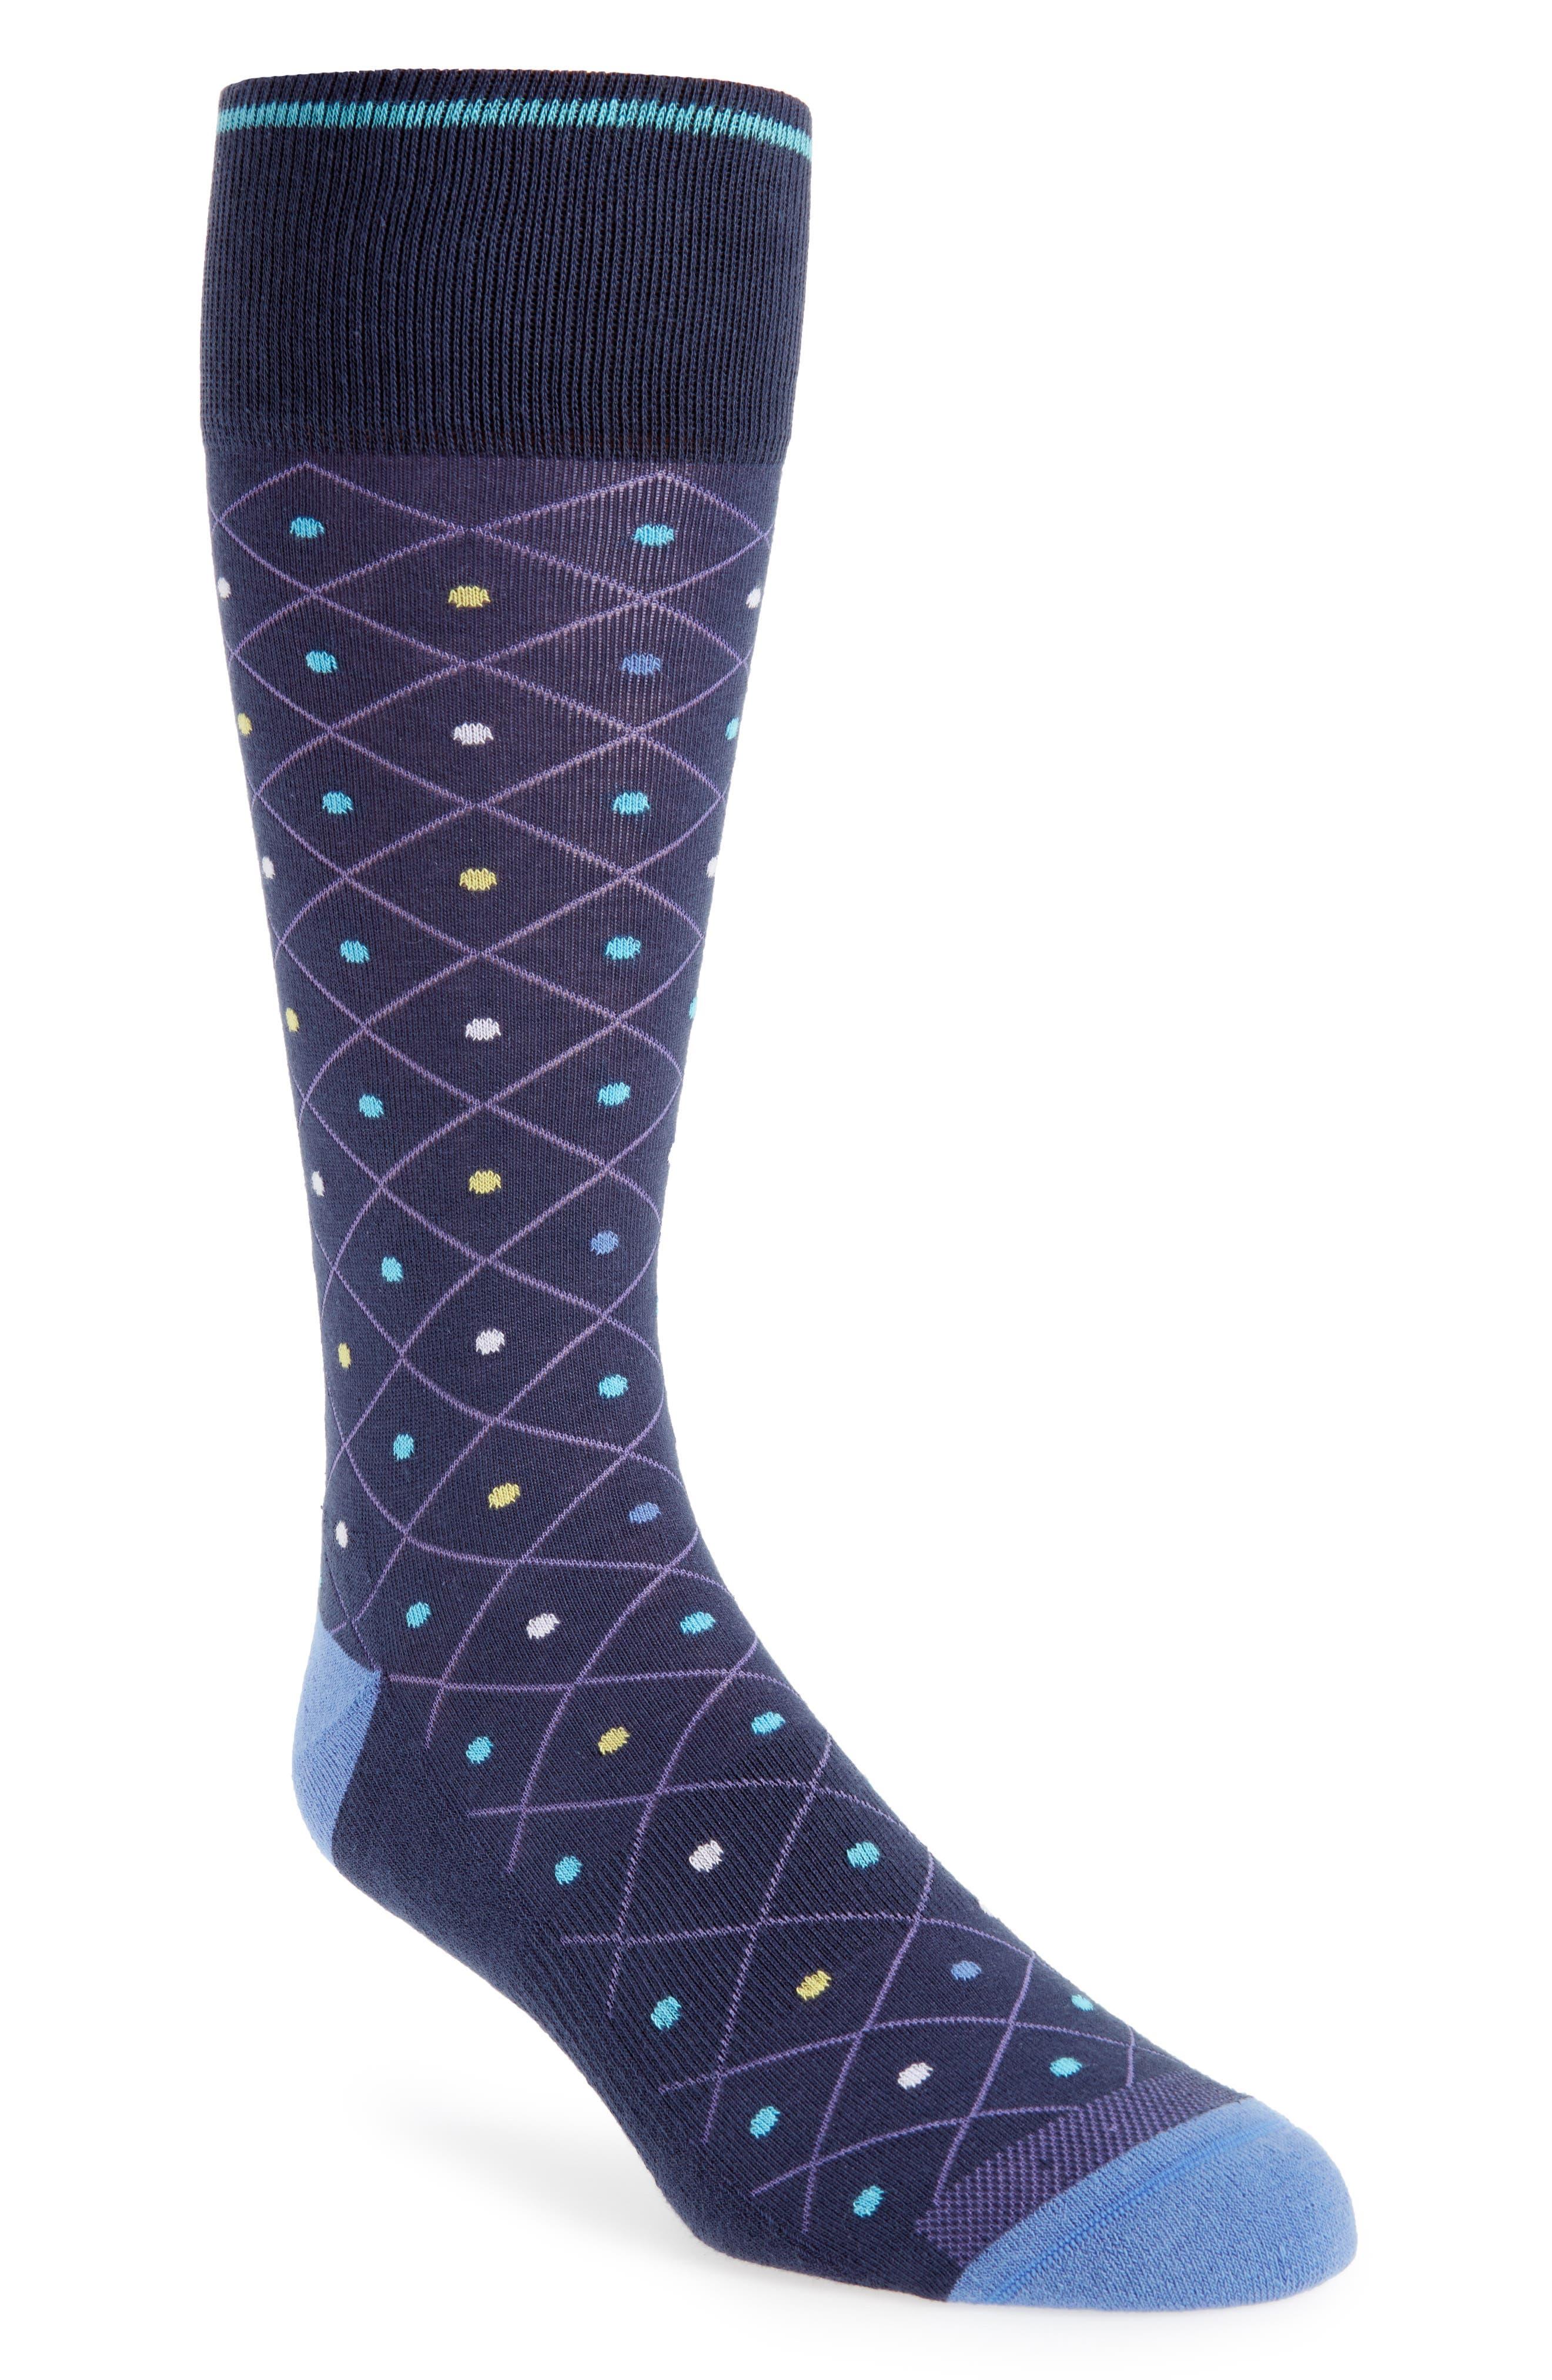 Pointed Grid Socks,                             Main thumbnail 1, color,                             410